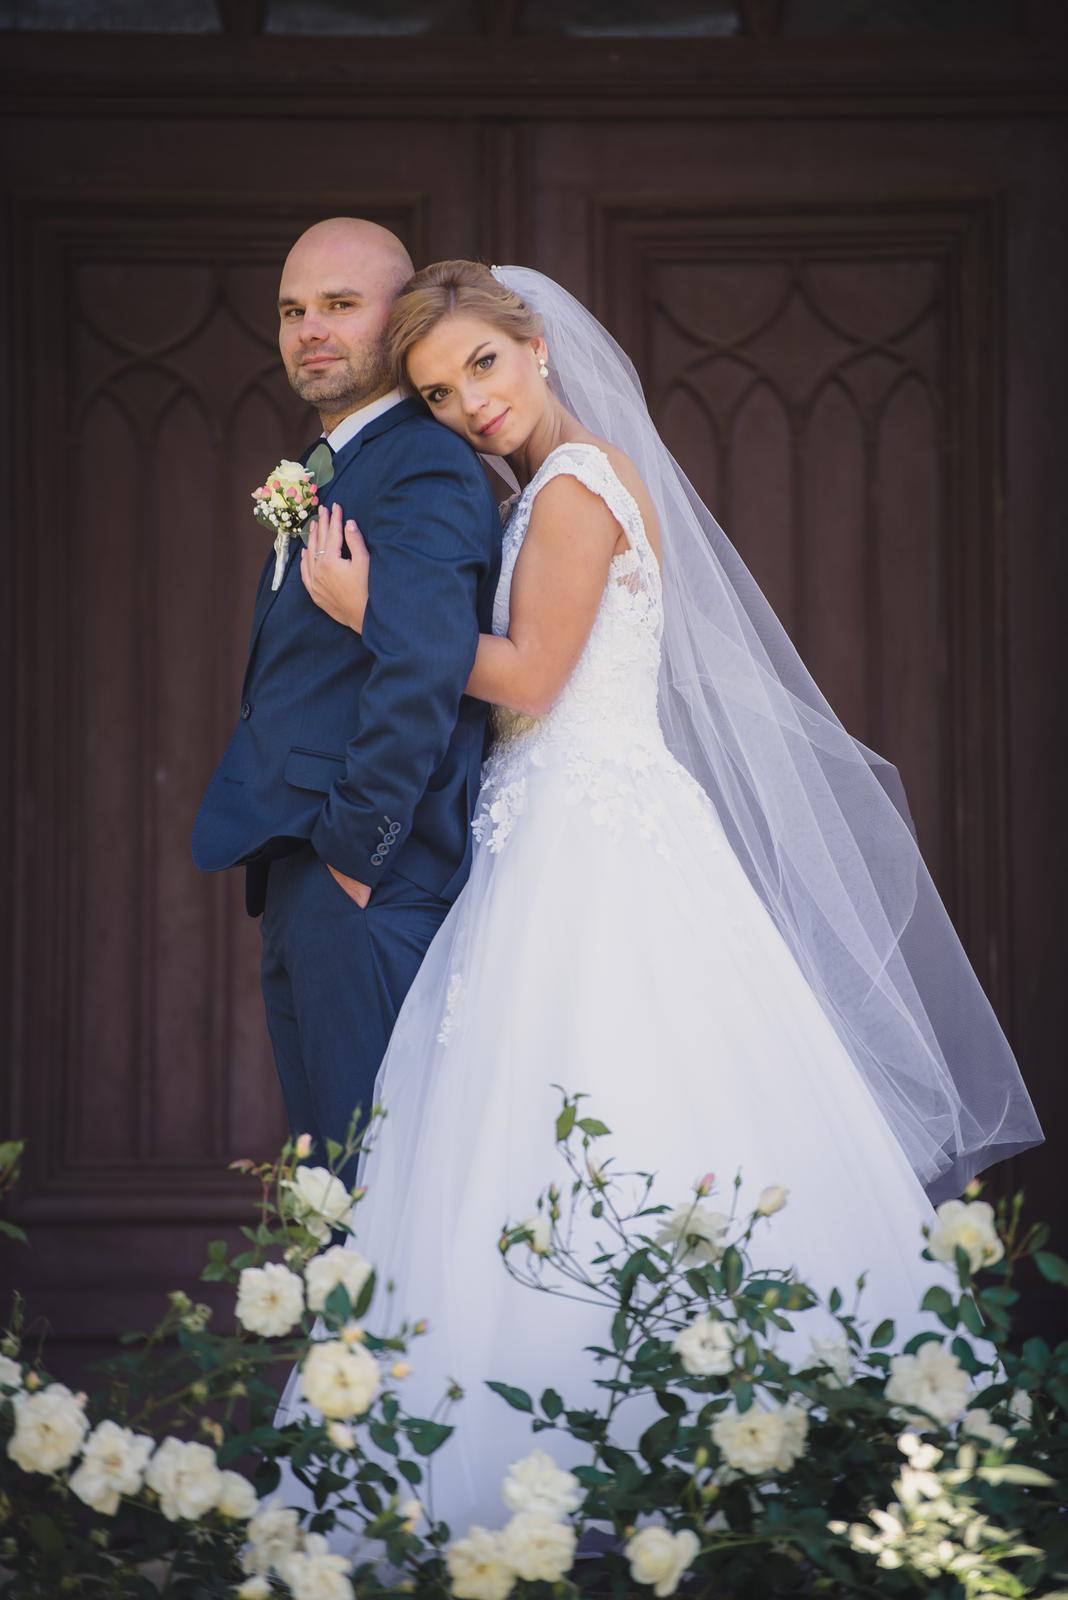 naša svadba sa konala... - Obrázok č. 1